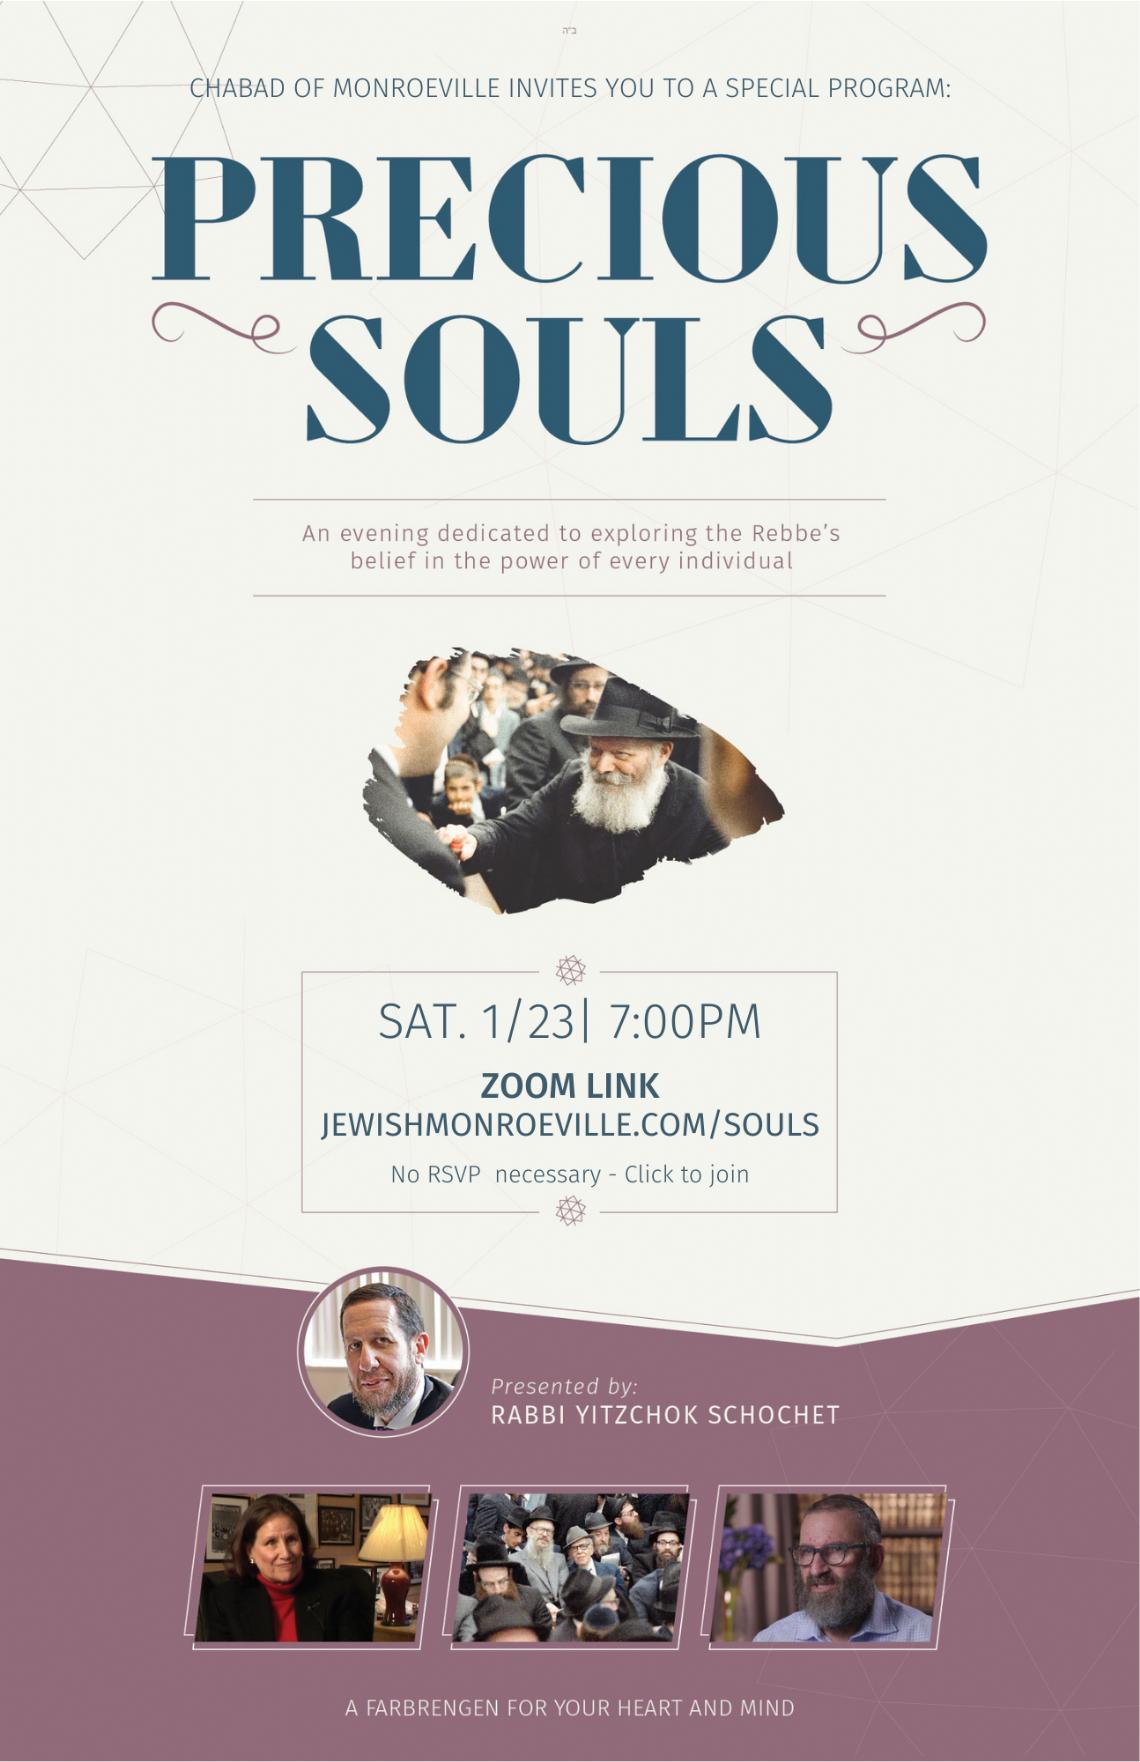 Copy of Precious Souls - Flyer (1).png